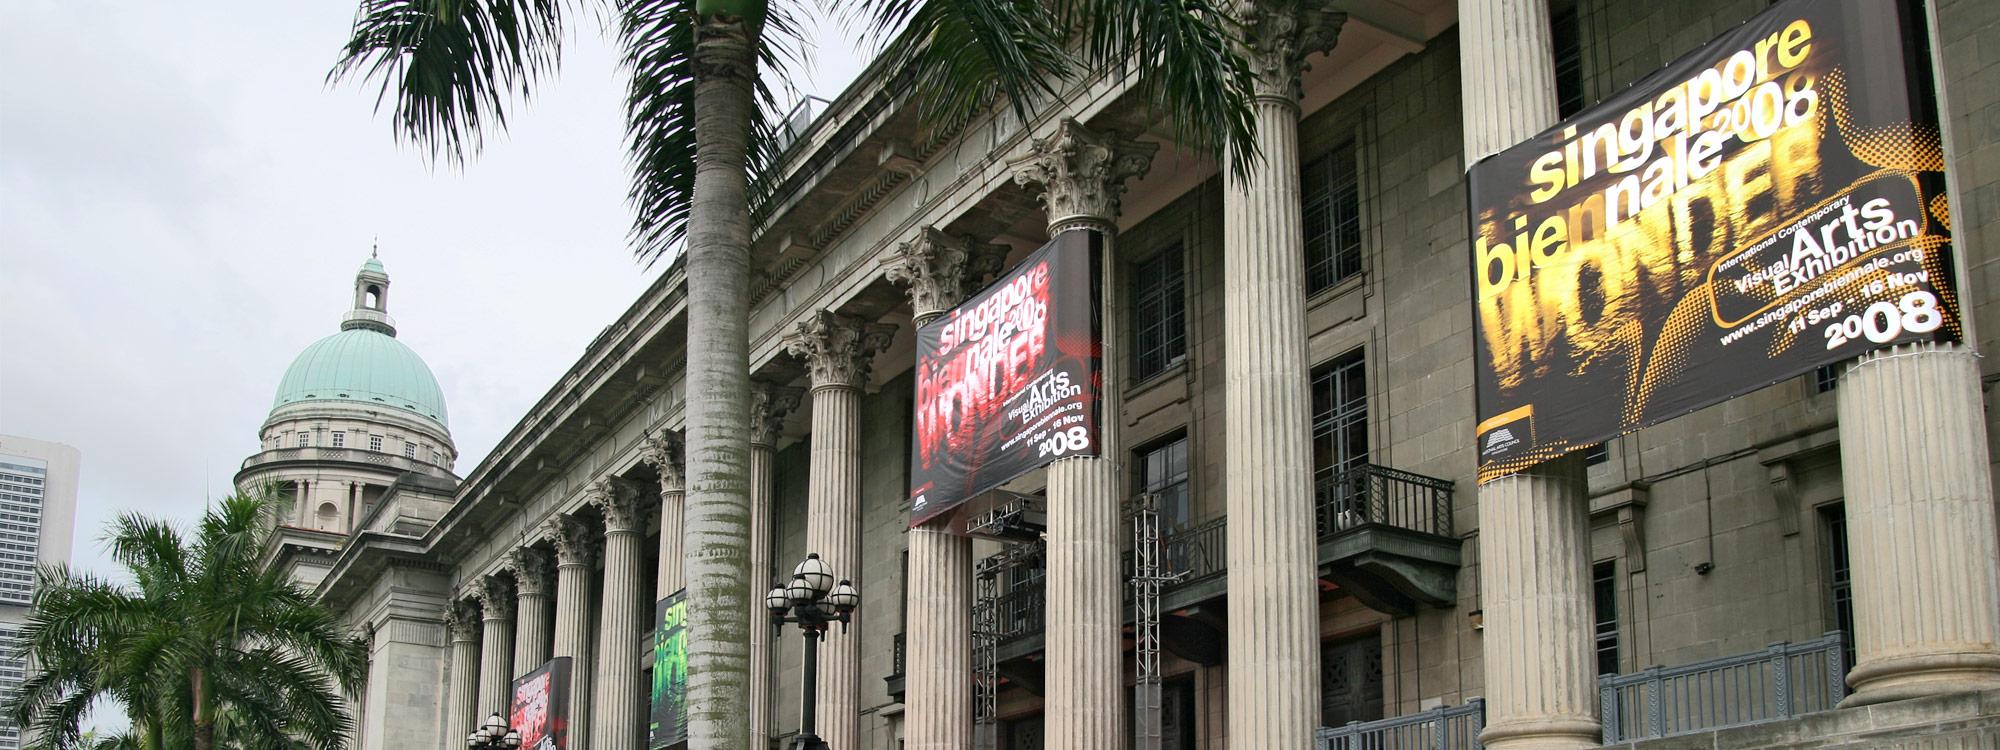 Bienal de Singapur 2008 - extenso foto tour